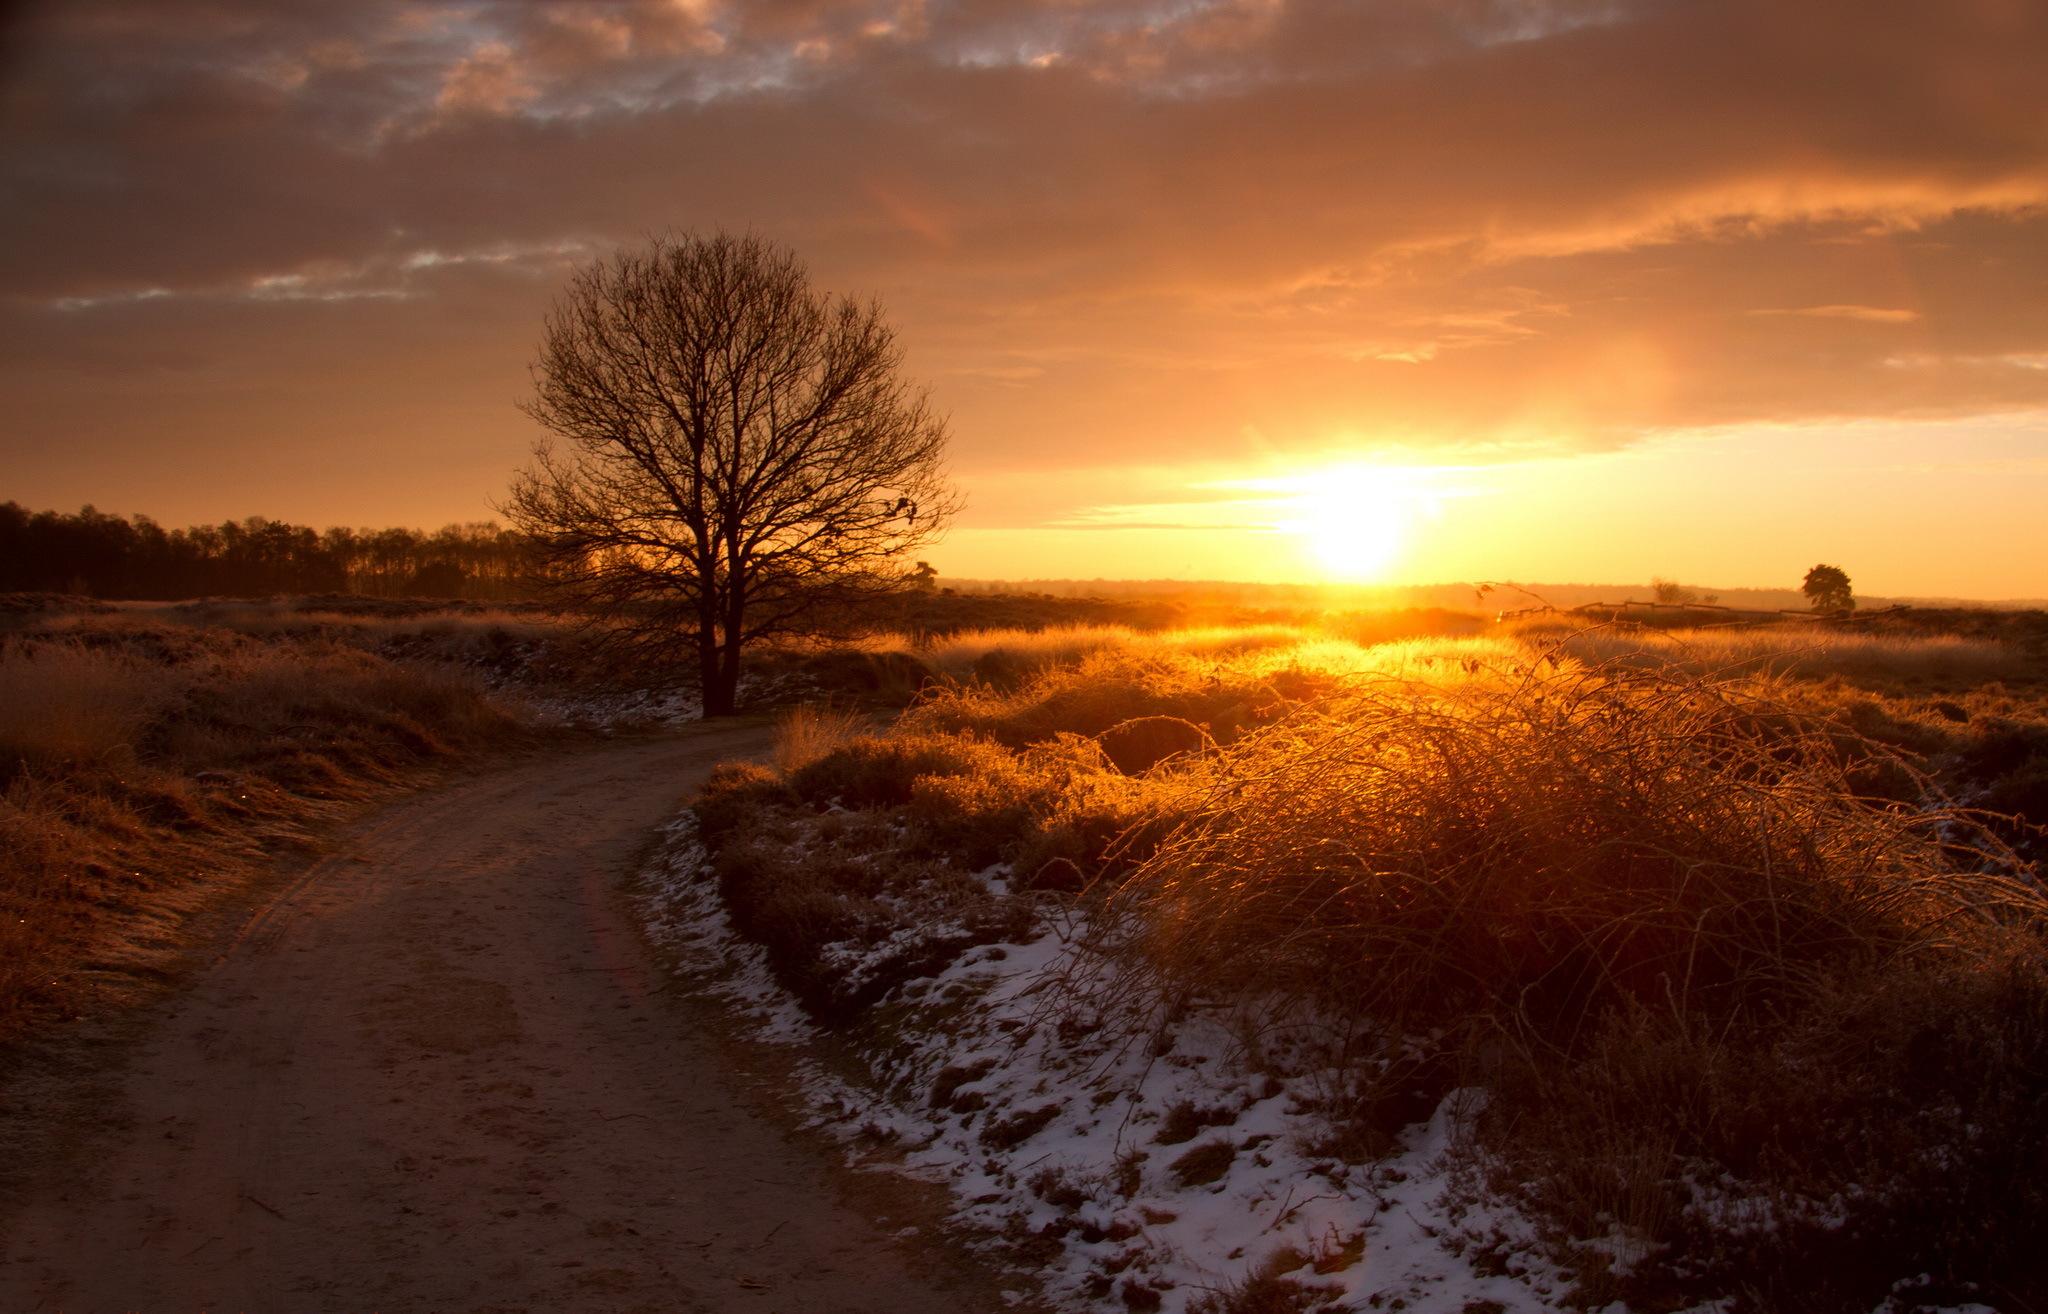 дорога, солнце, трава, деревья  № 3117787 загрузить